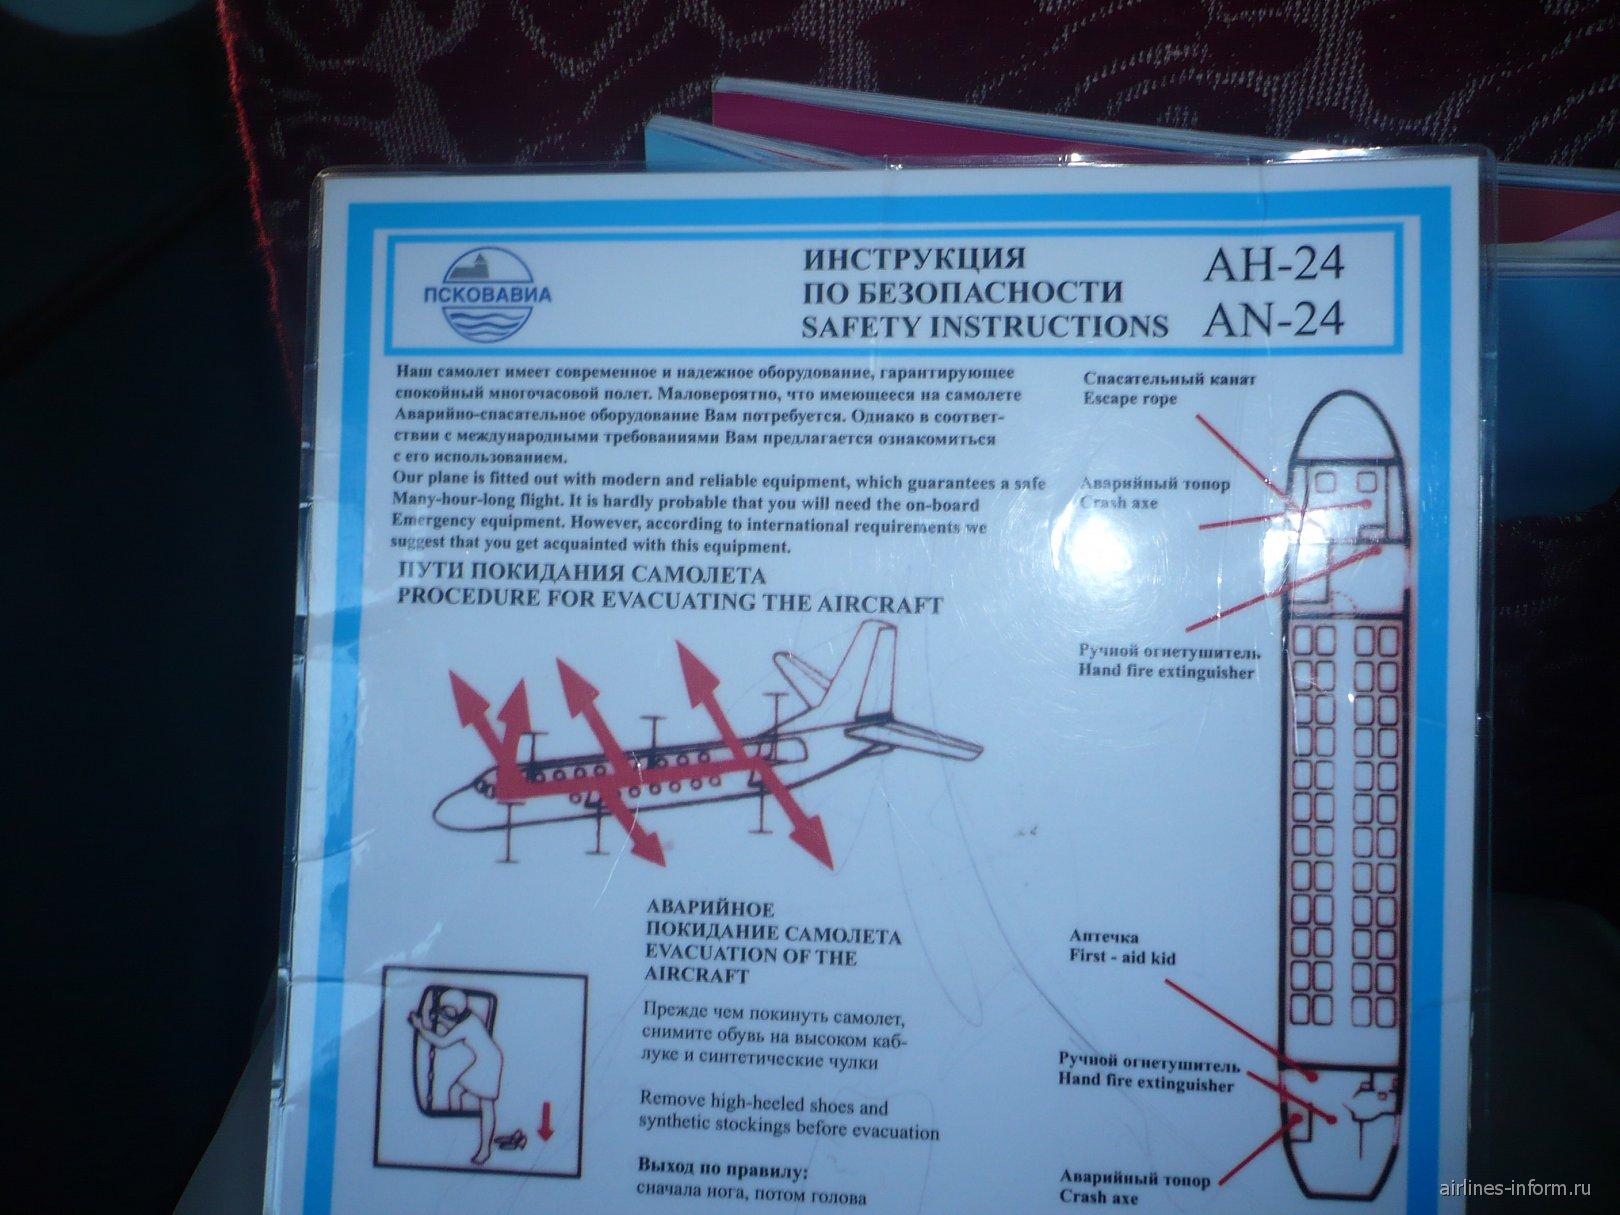 Инструкция по безопасности самолета Ан-24 авиакомпании Псковавиа